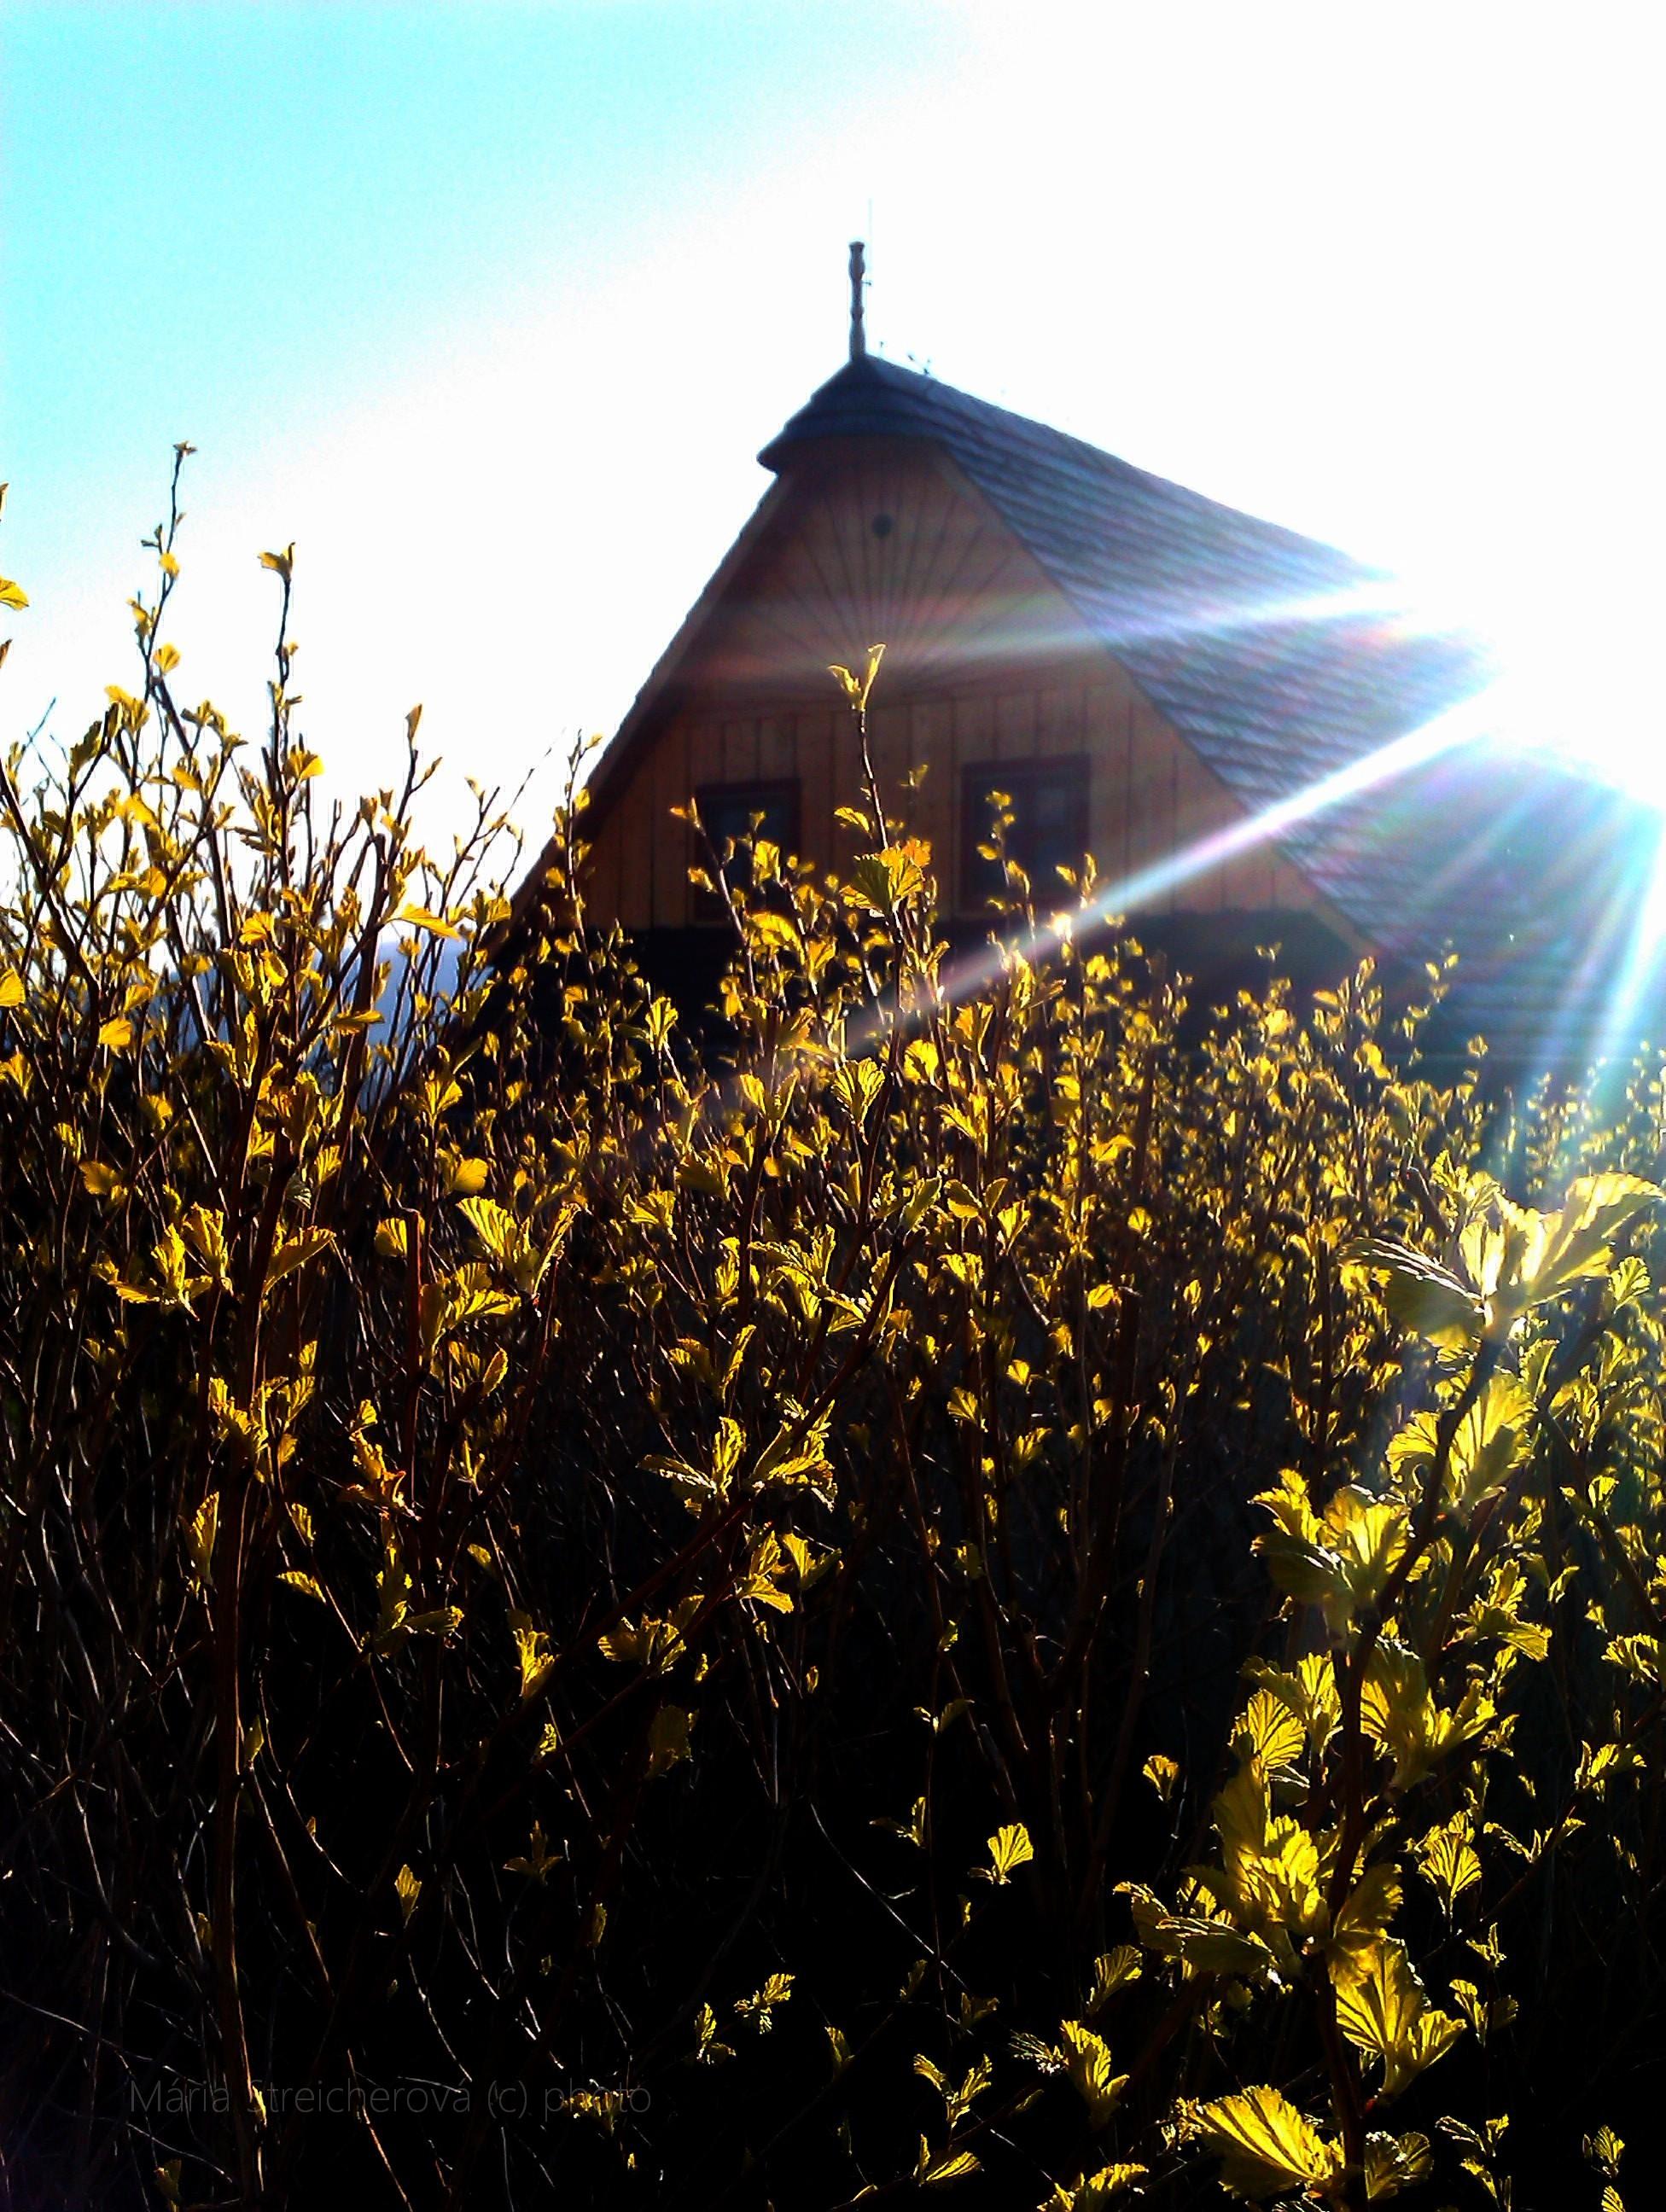 Mladé lístky pučiacich kríkov v protisvetle zapadajúceho slnka.